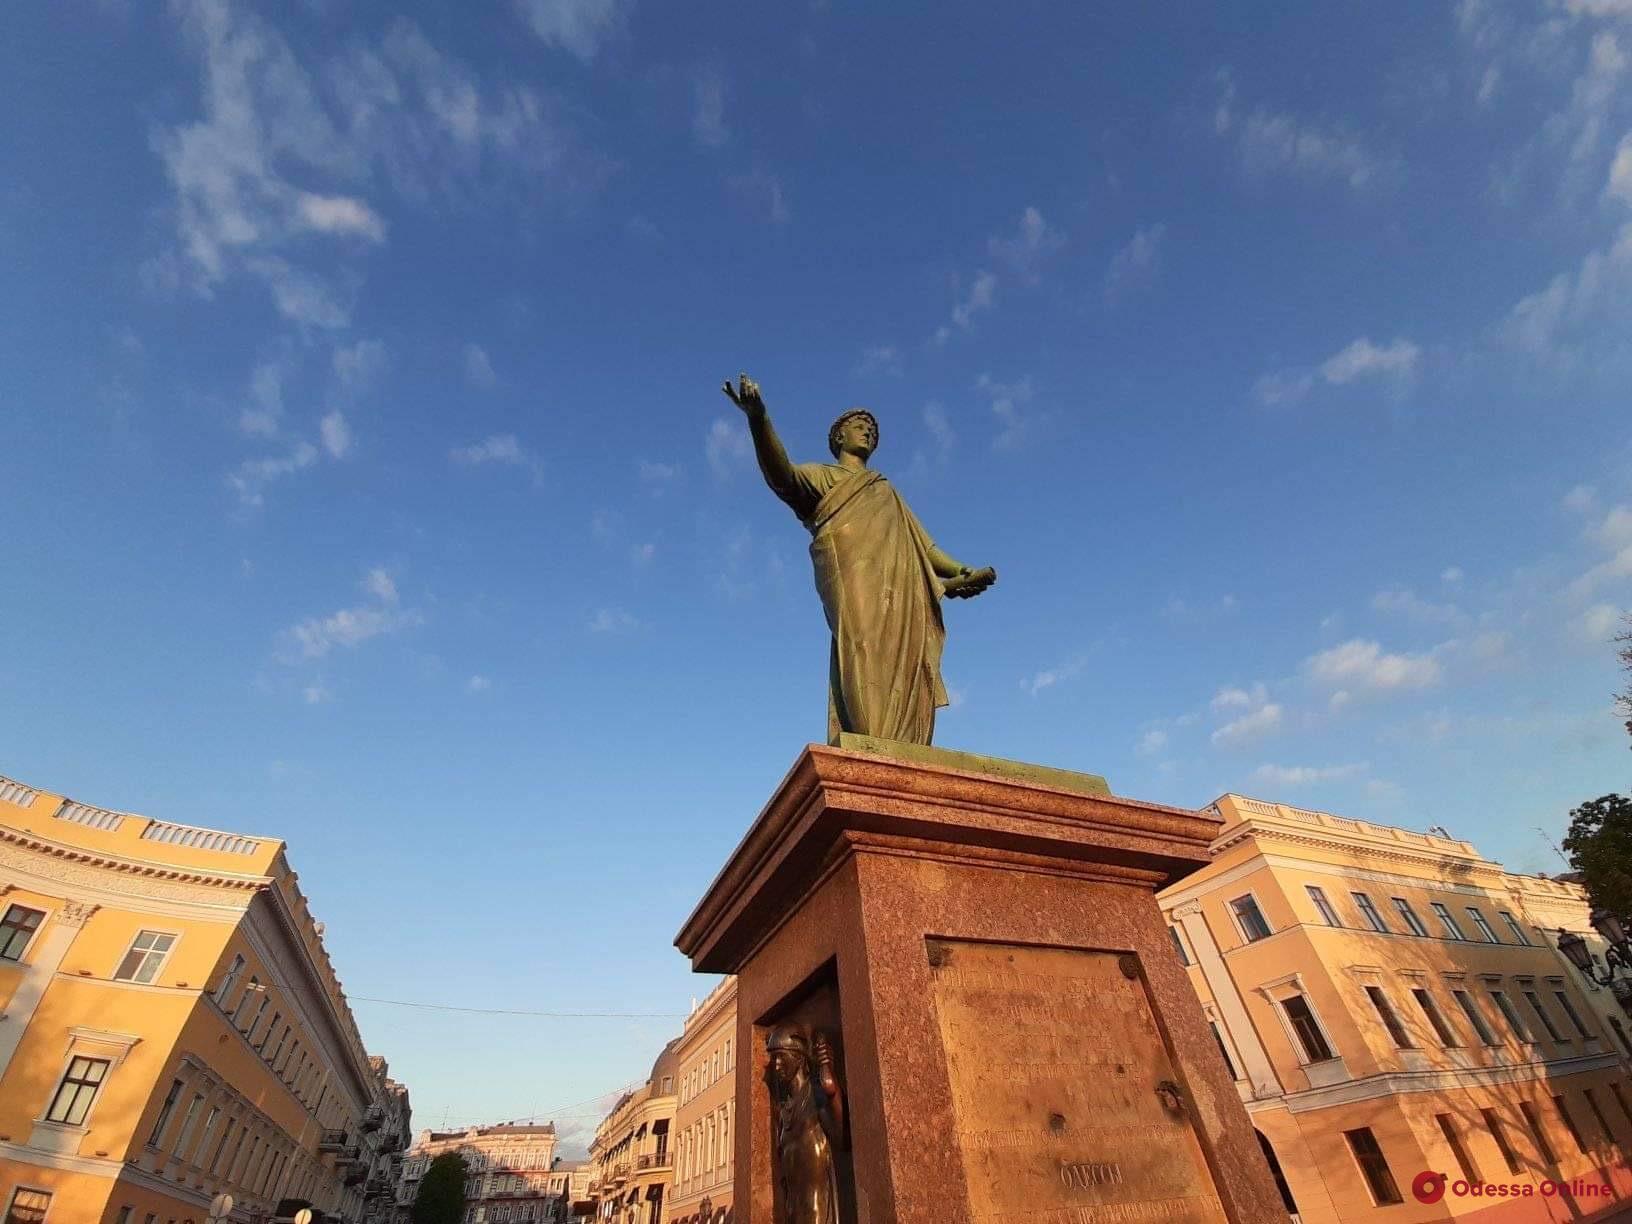 В суде снова рассмотрят вопрос об историческом возрасте Одессы